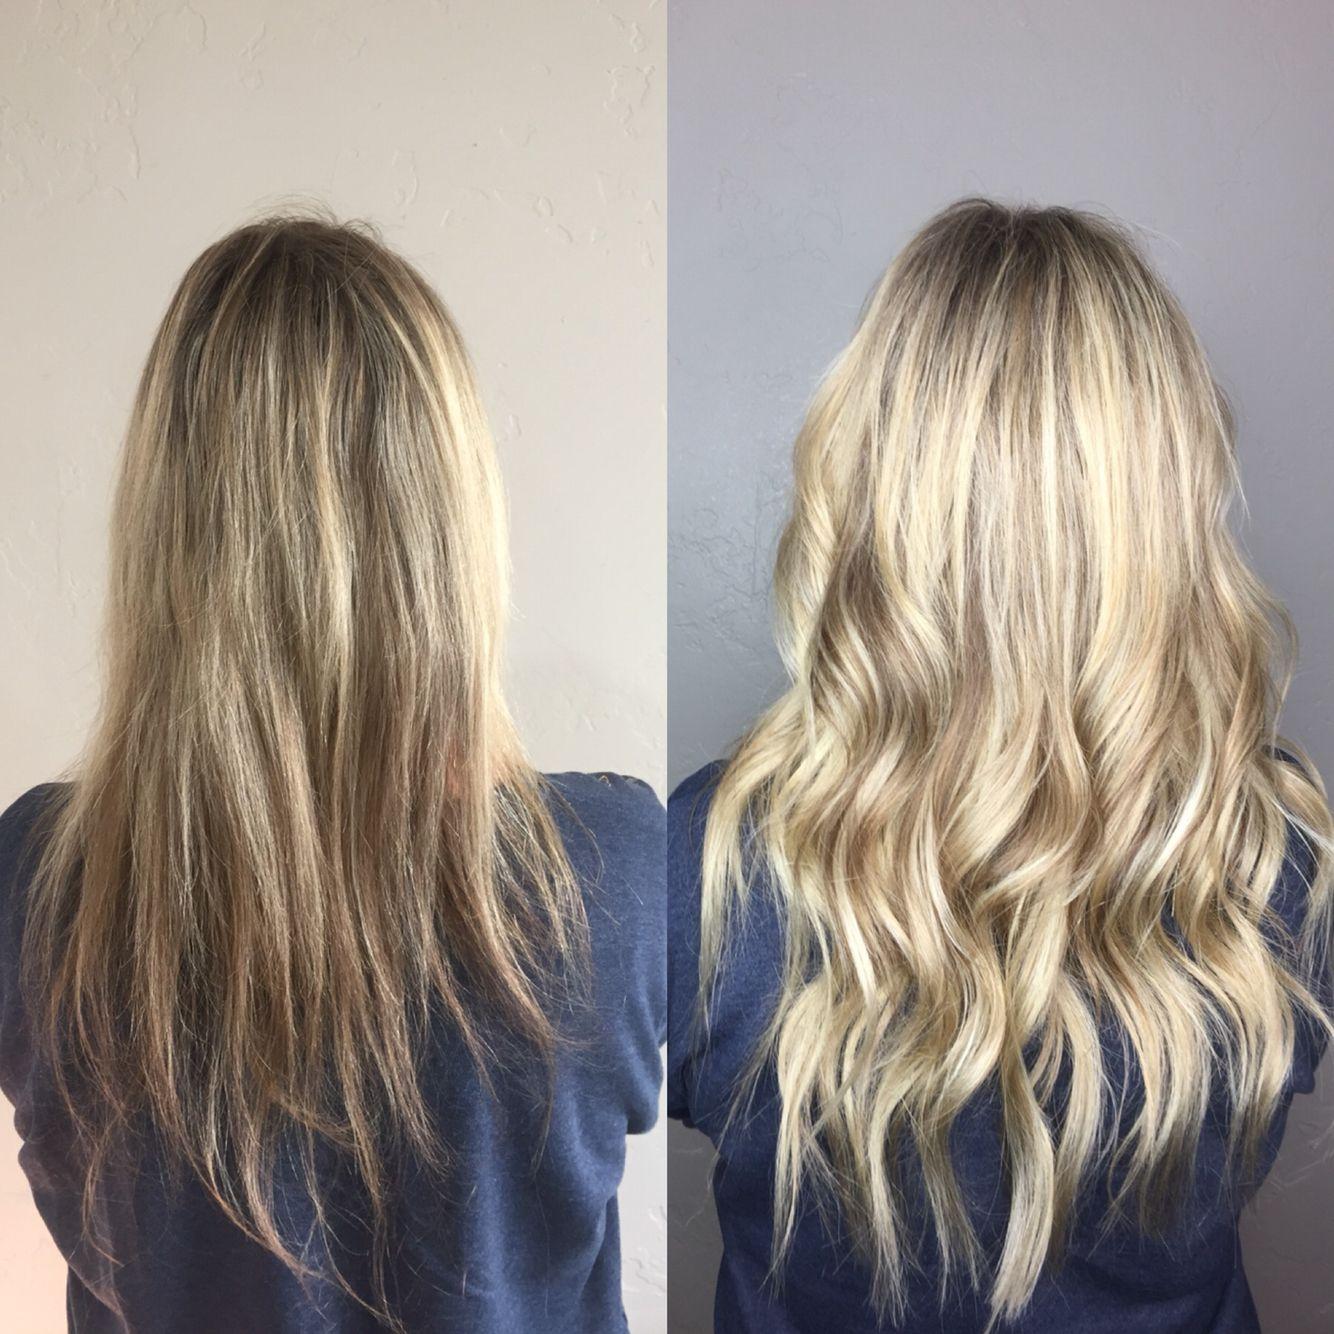 NBR hair extensions by hai Long hair styles, Hair